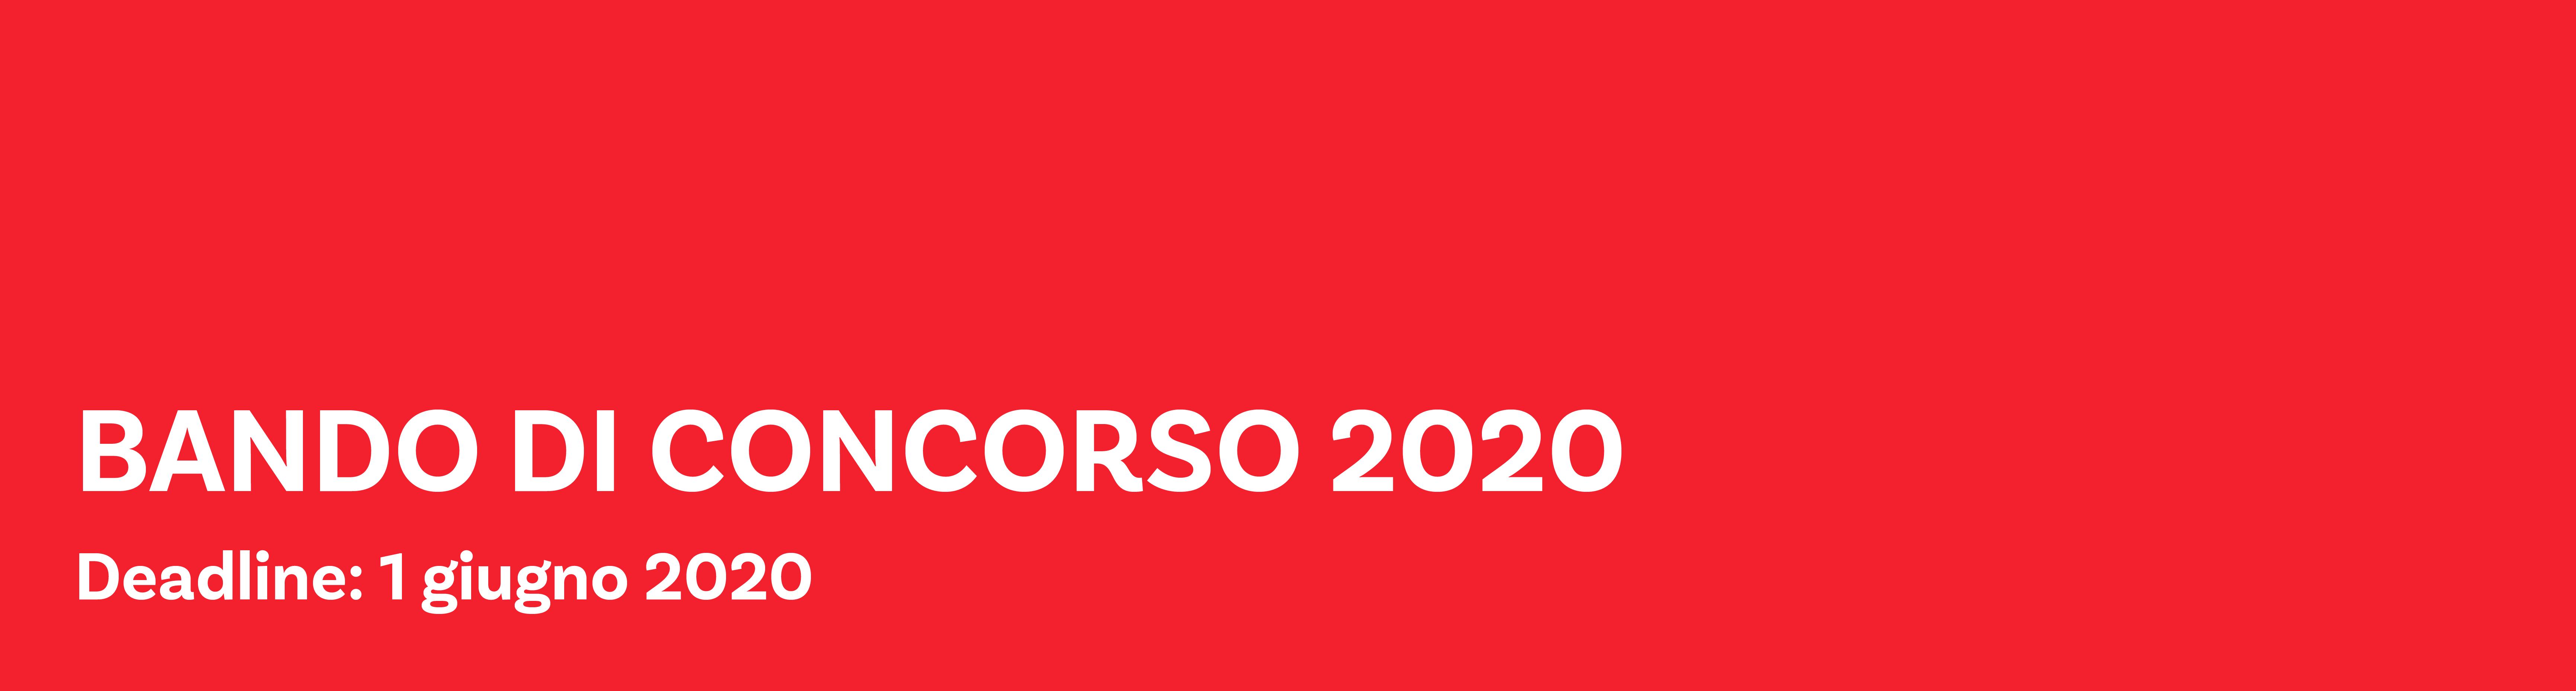 Banner-Open-Call-2020-04